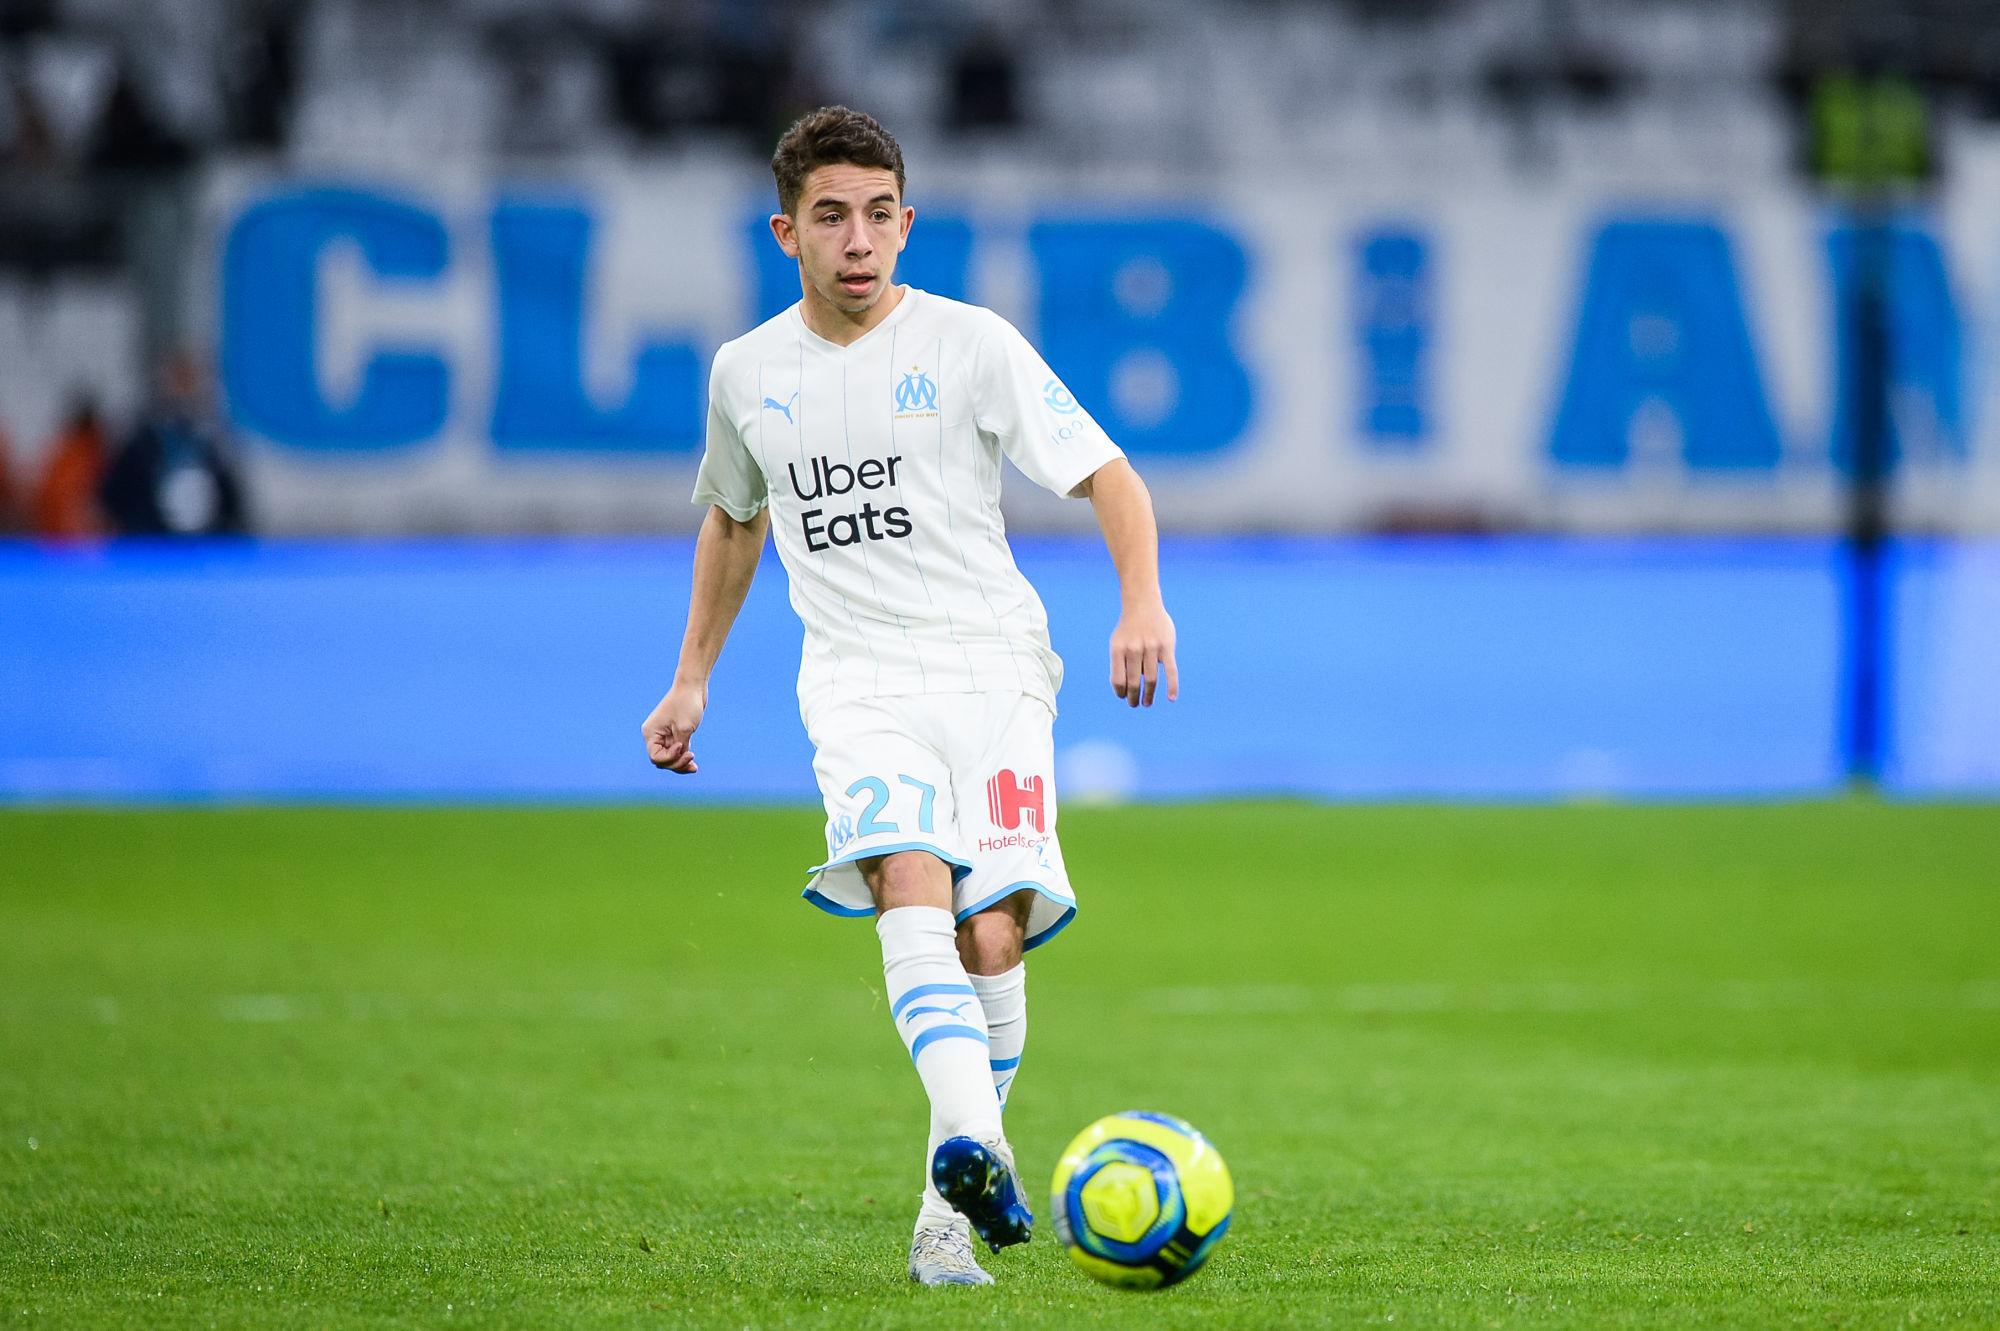 Mercato OM : Tout s'accélère pour Maxime Lopez au FC Séville